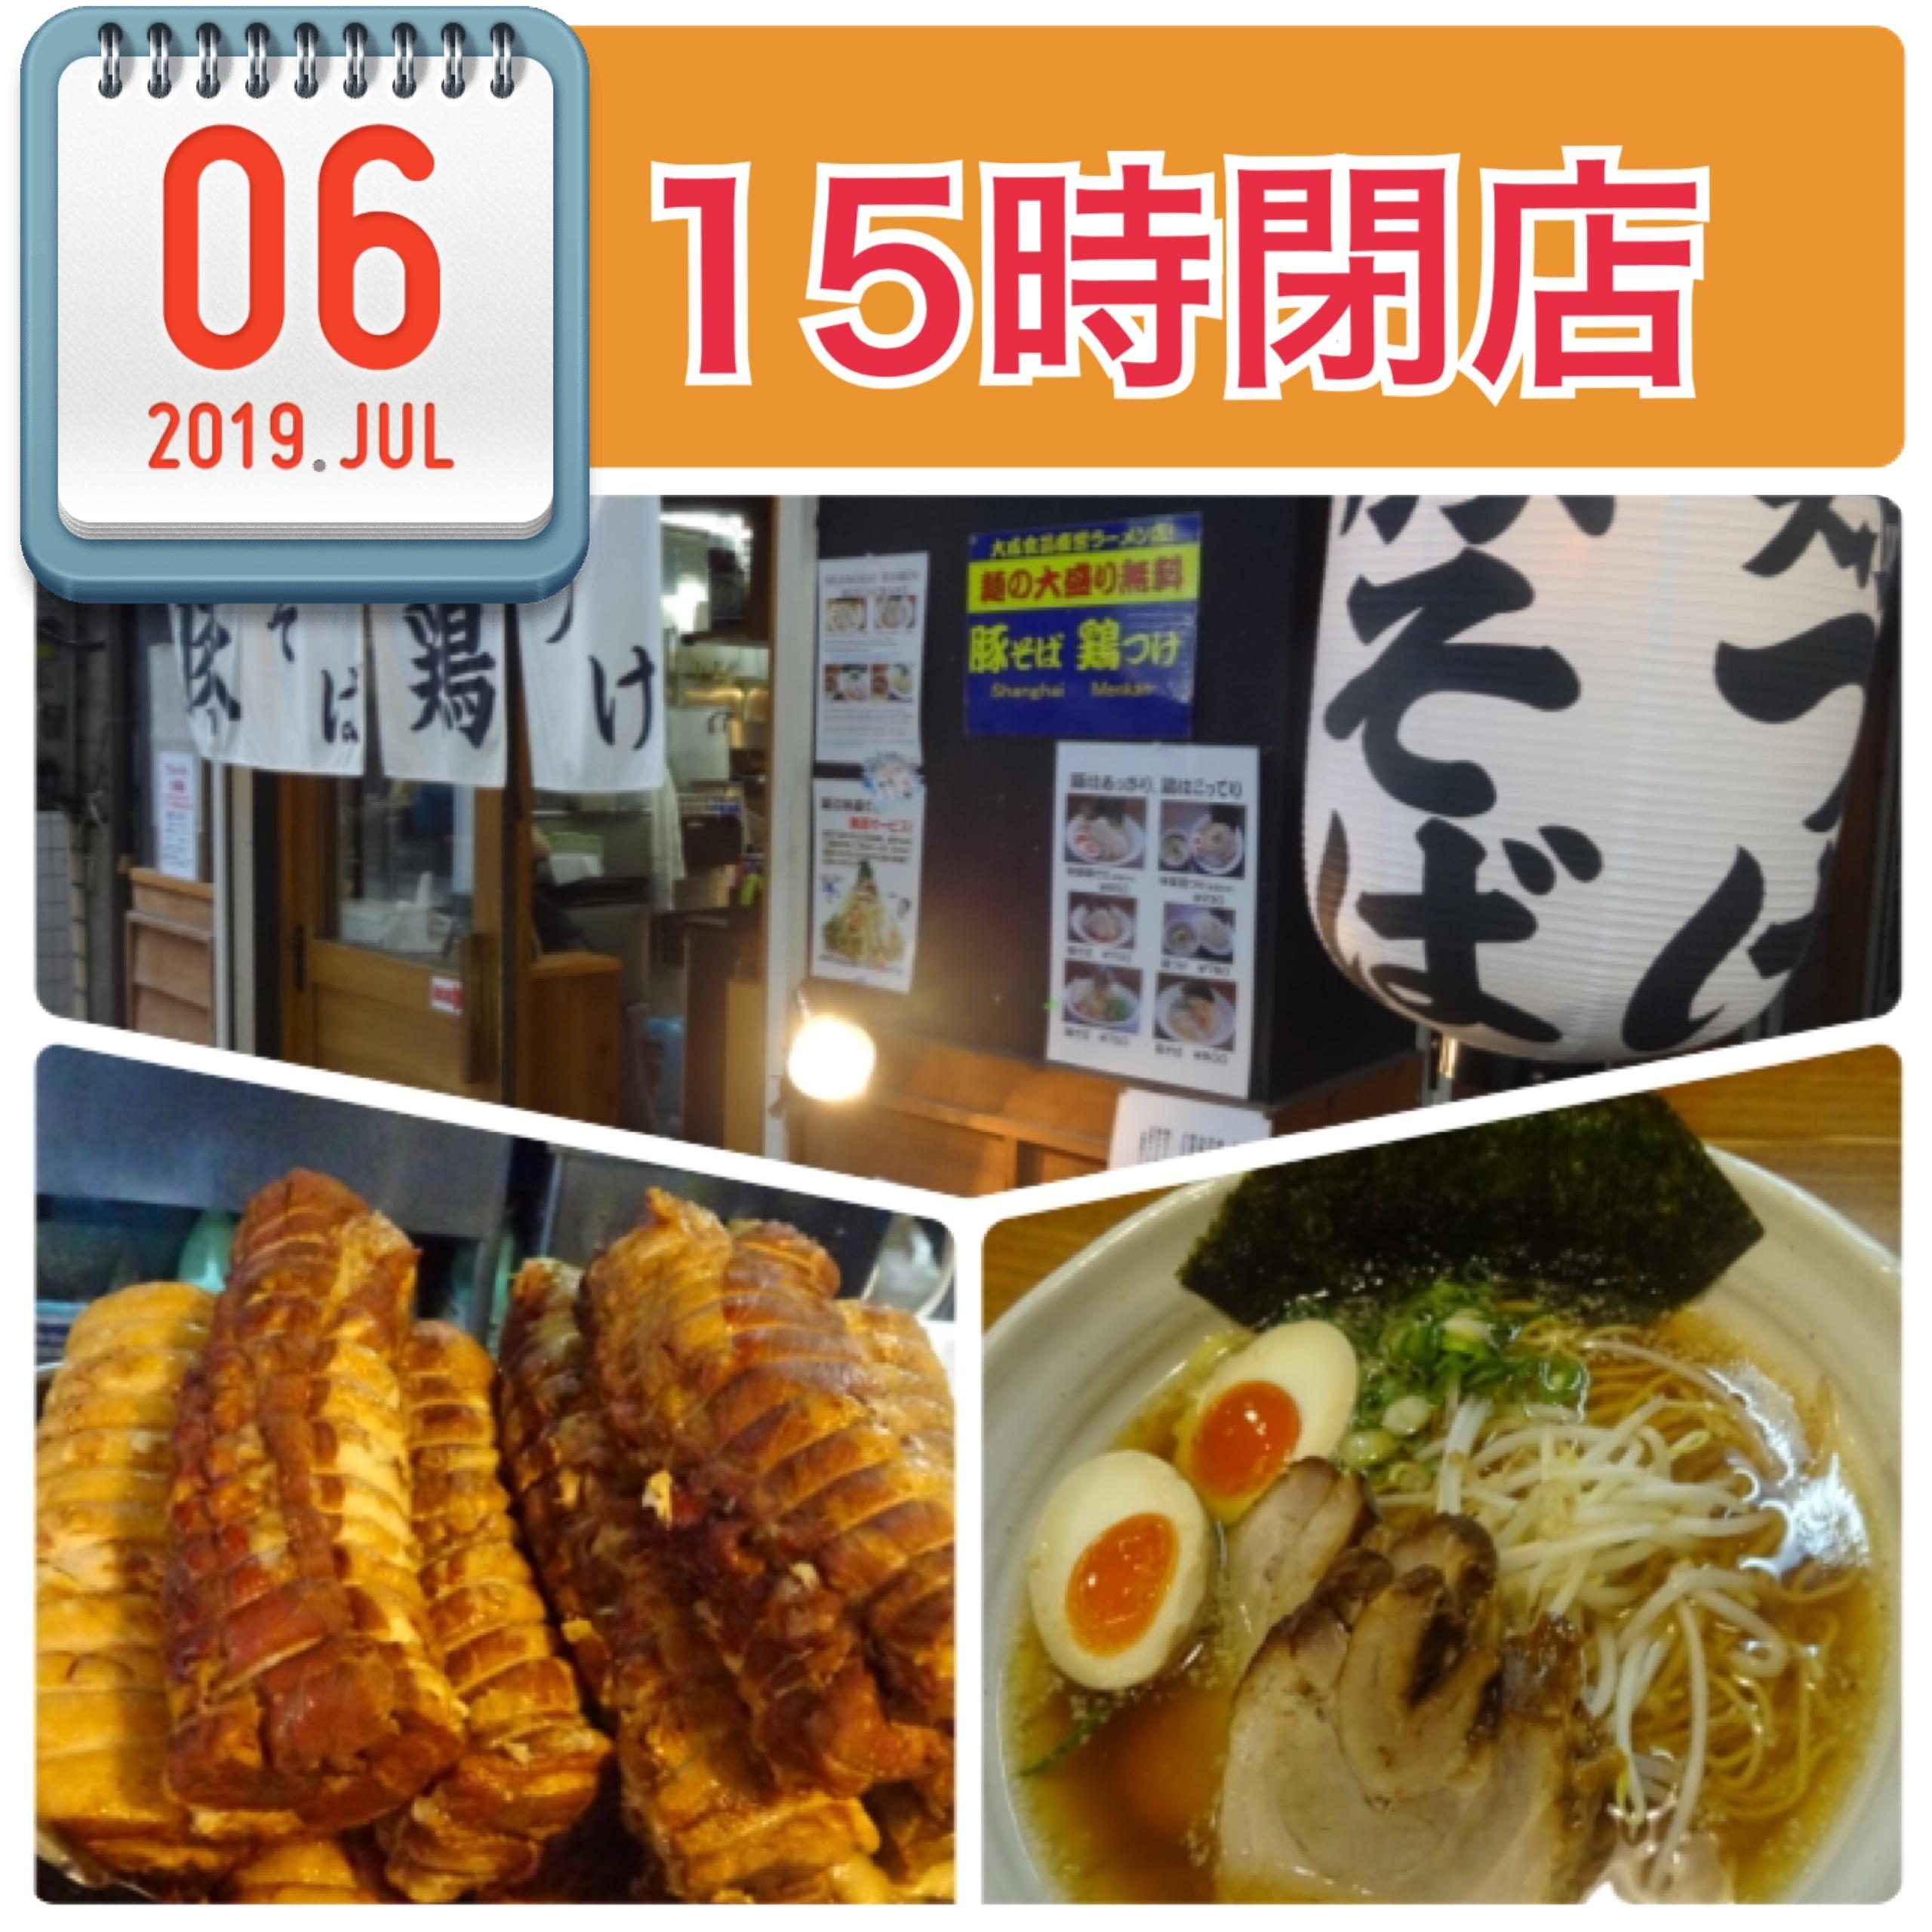 上海麺館告知